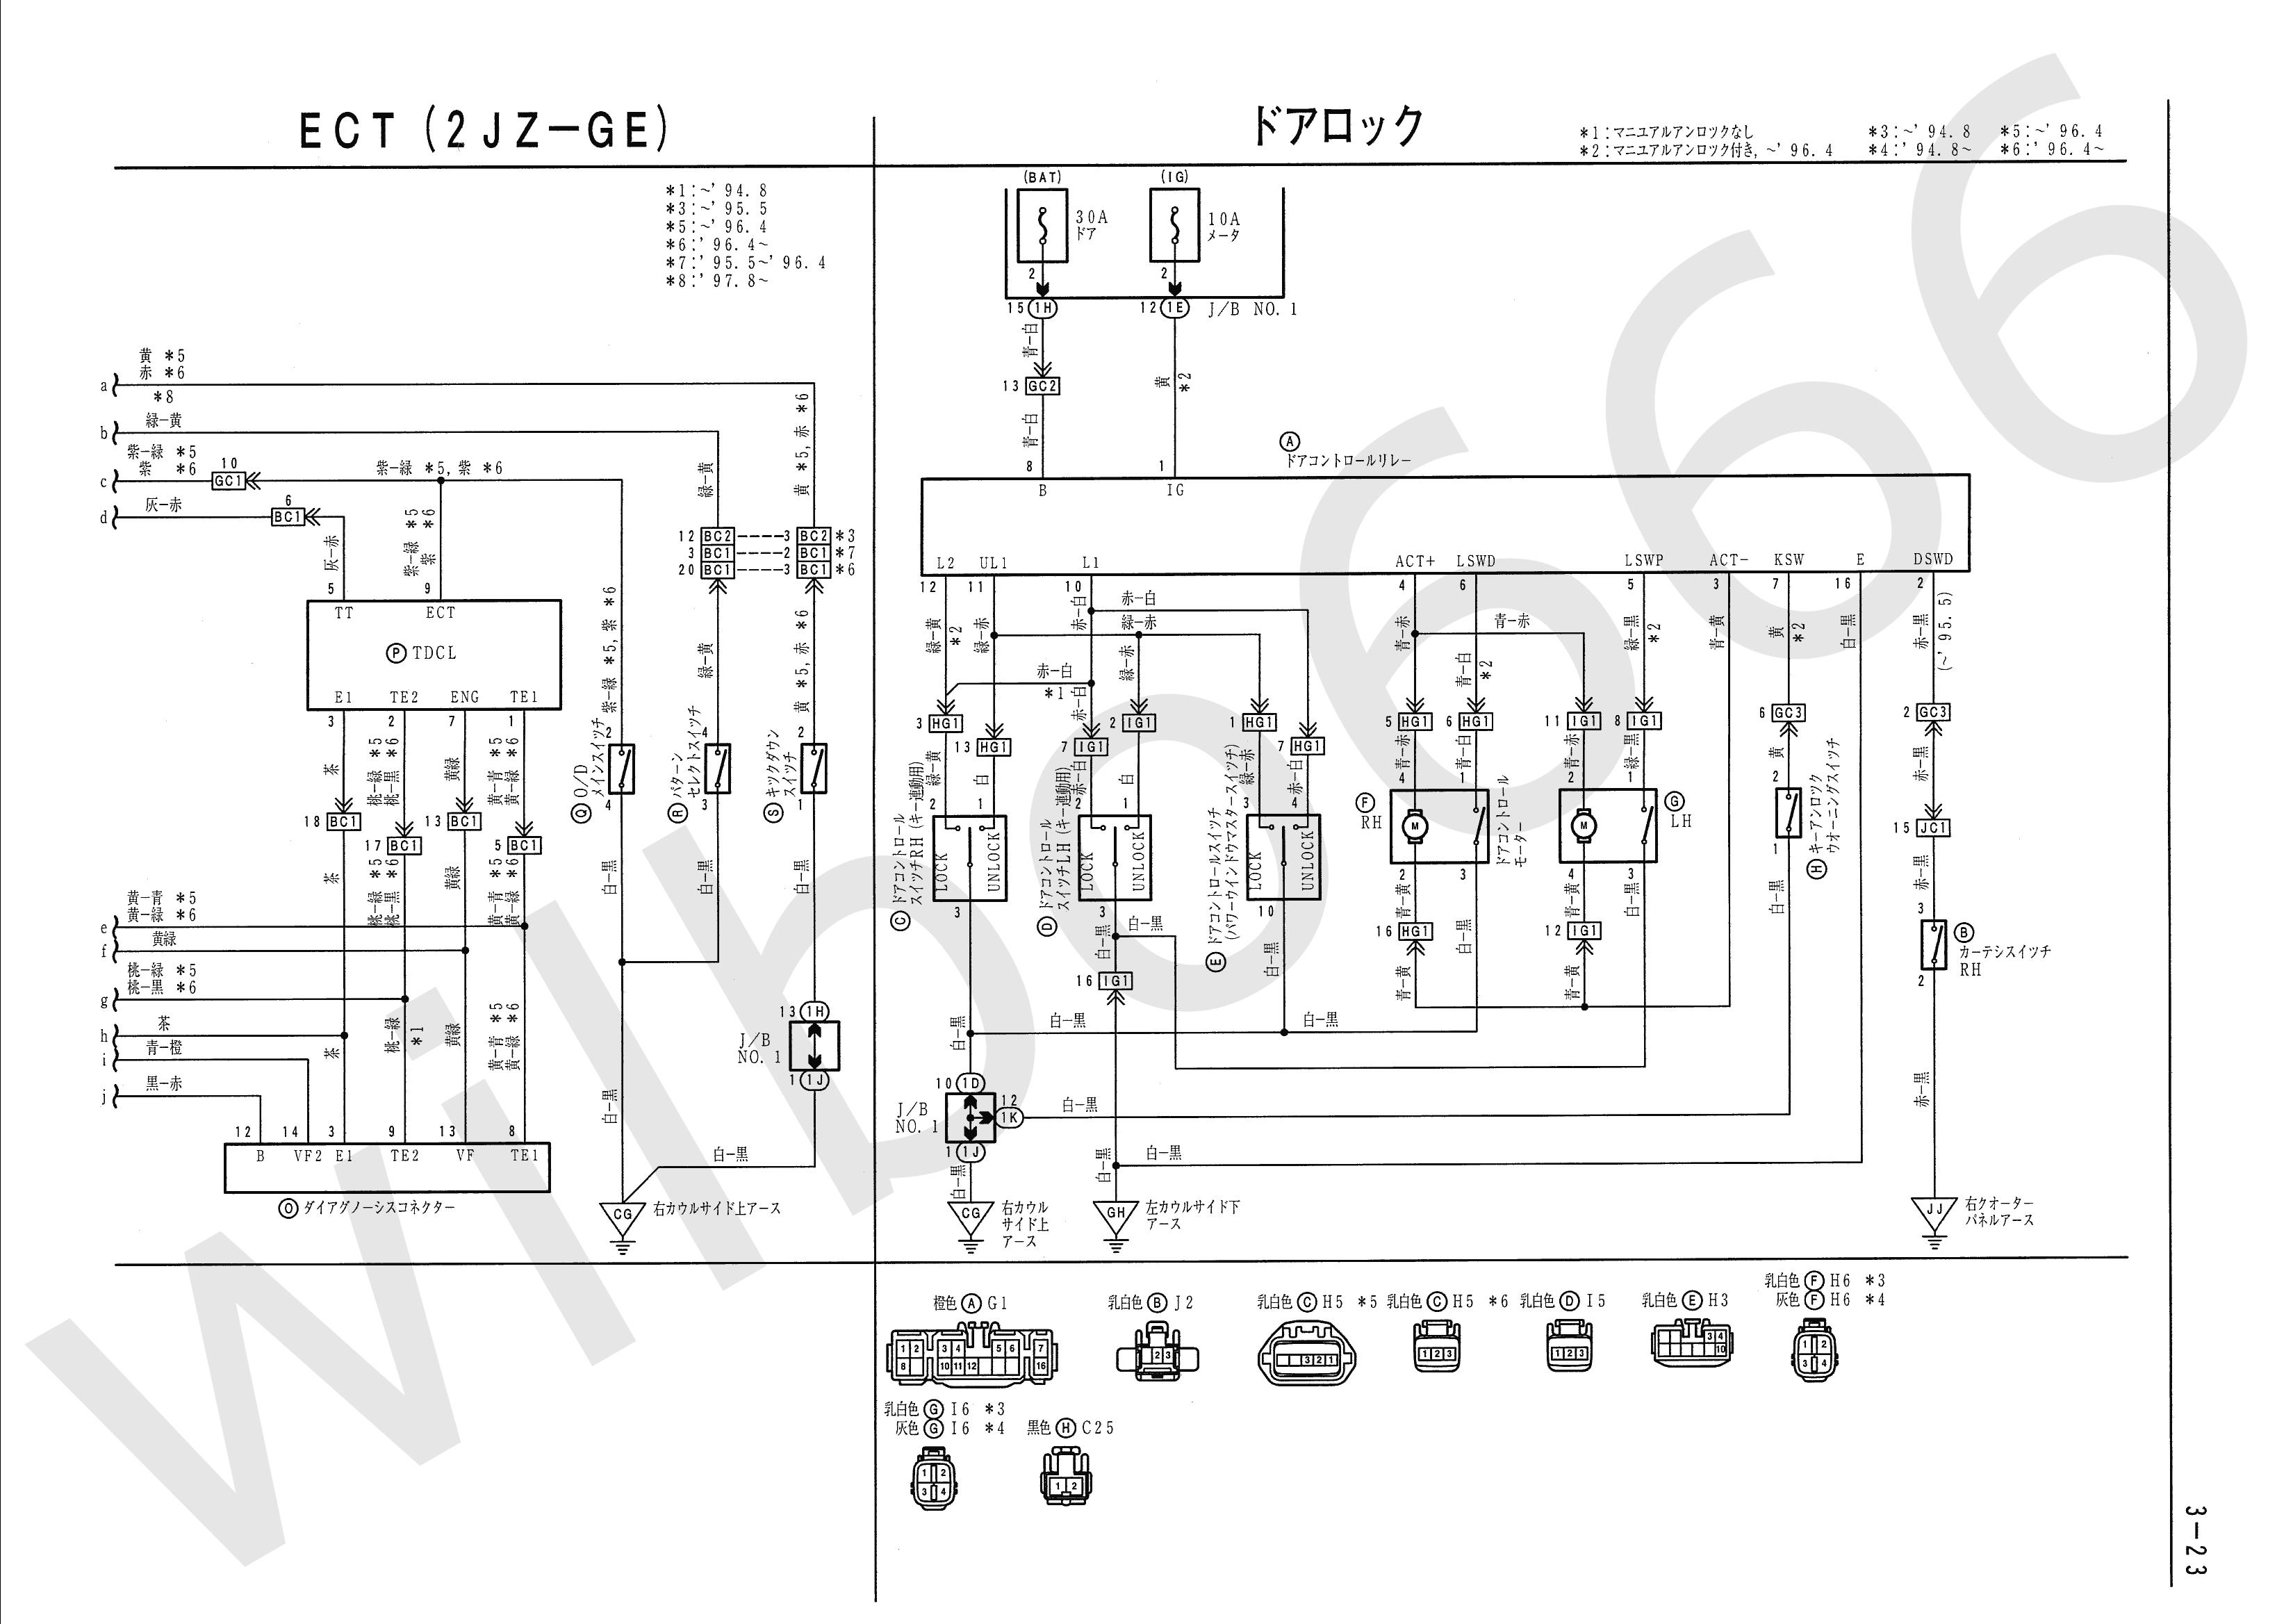 1939 dlc wiring diagram ks 9733  lexus dlc wiring diagram free diagram  ks 9733  lexus dlc wiring diagram free